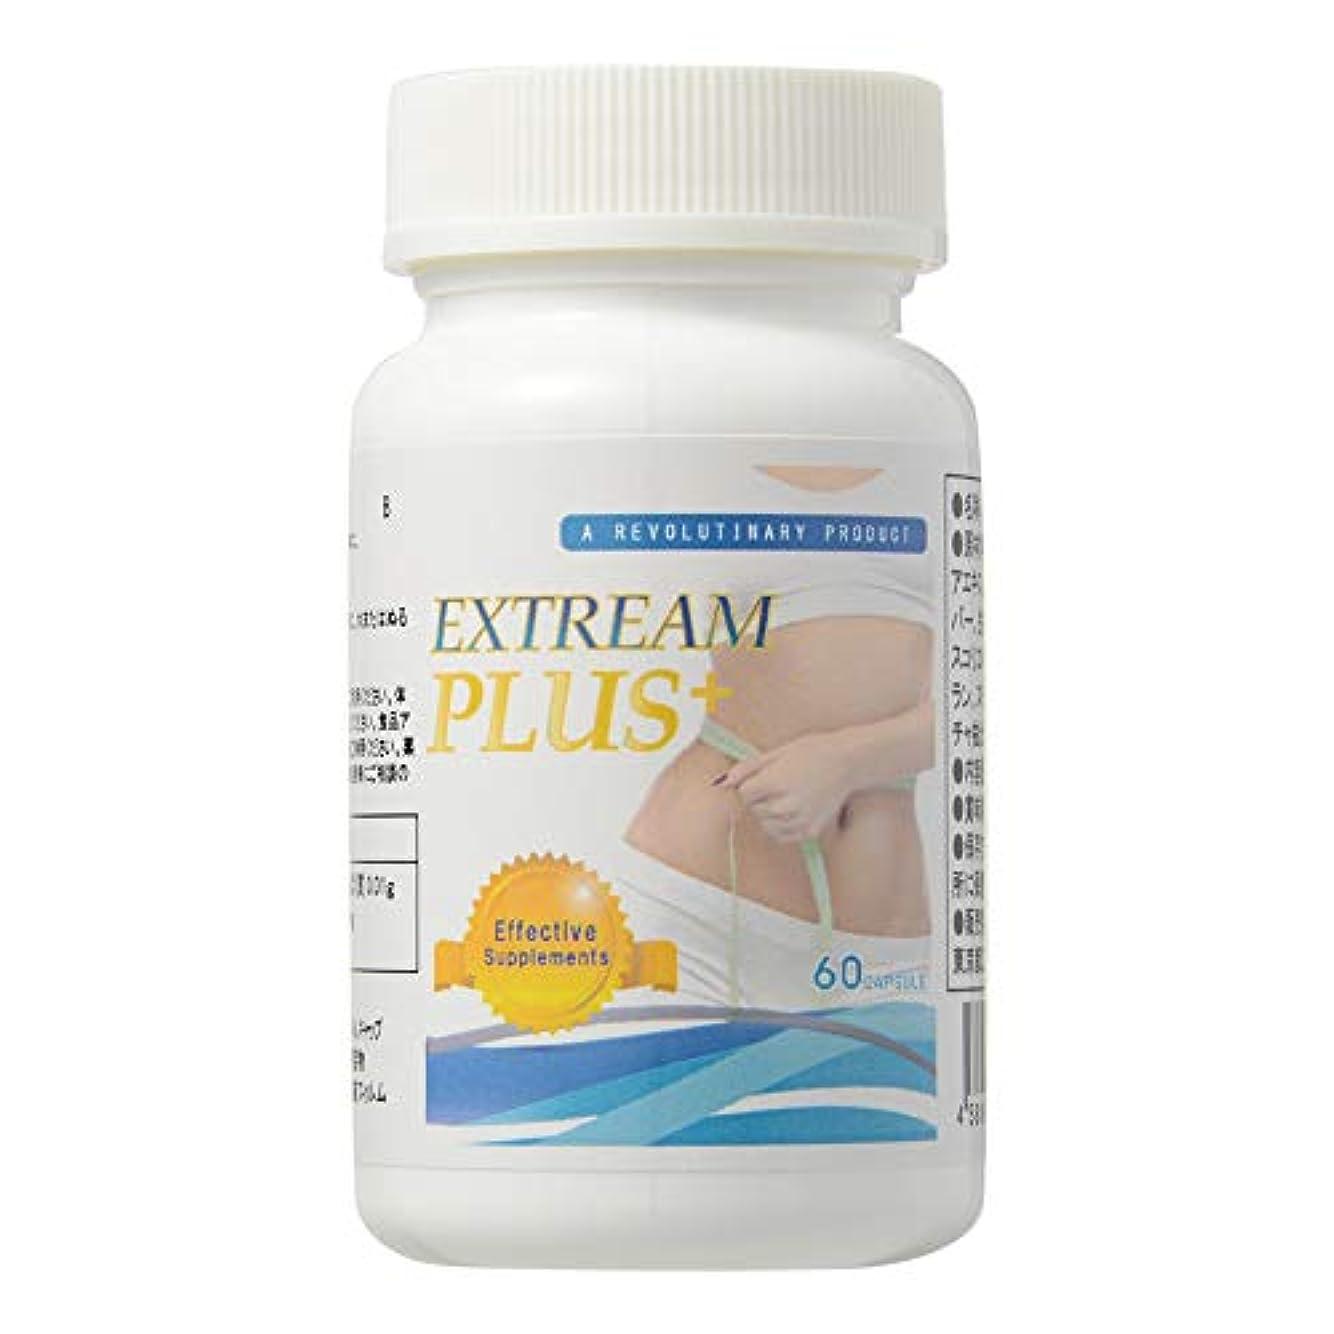 かどうか等価ボーカルExtream Plus (エクストリームプラス) 栄養補助食品 L-カルニチン サプリメント [250mg×60粒/ 説明書付き]